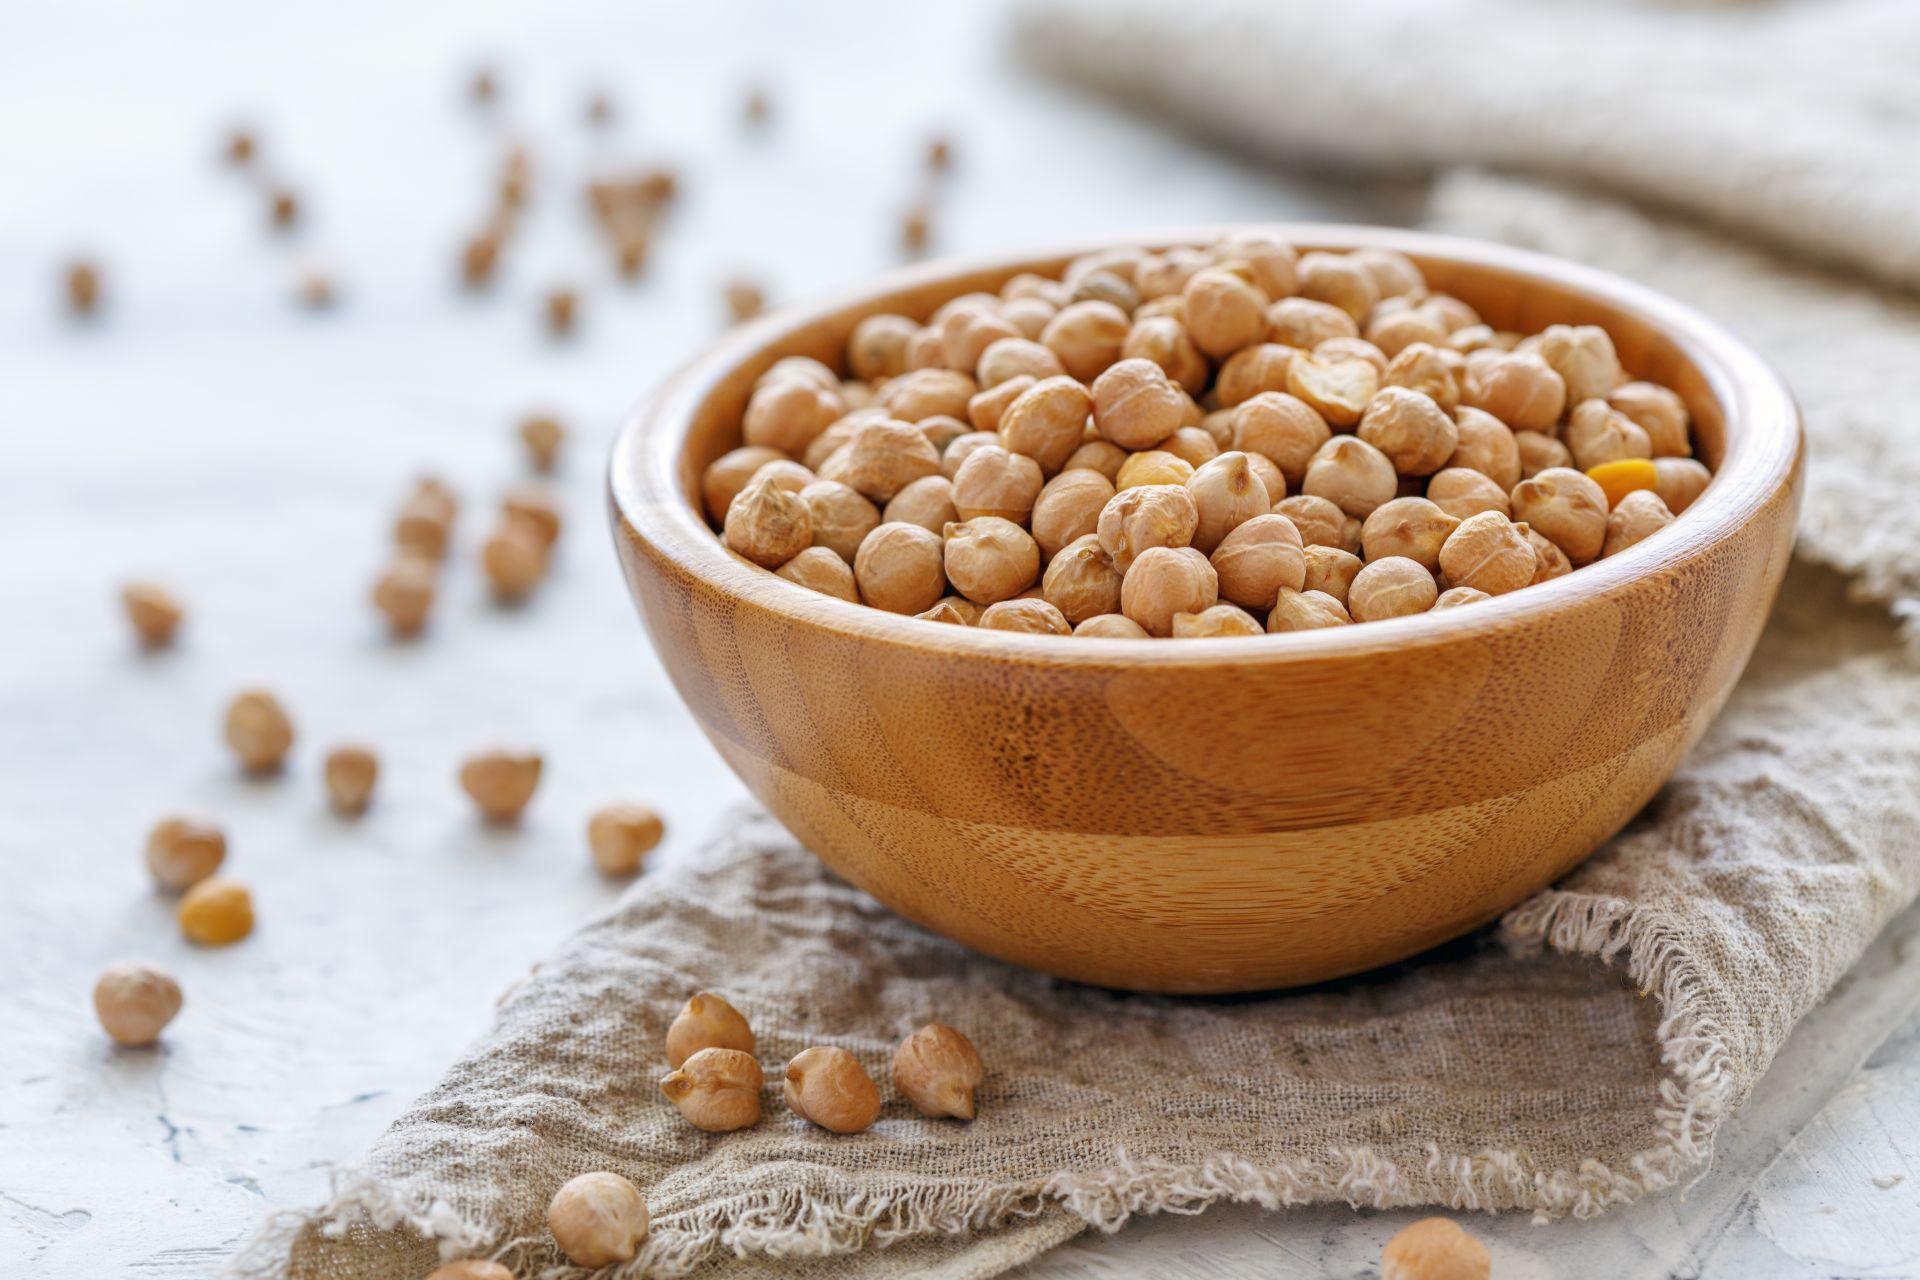 Ciecierzyca dostarcza białko w diecie wegetariańskiej i wegańskiej